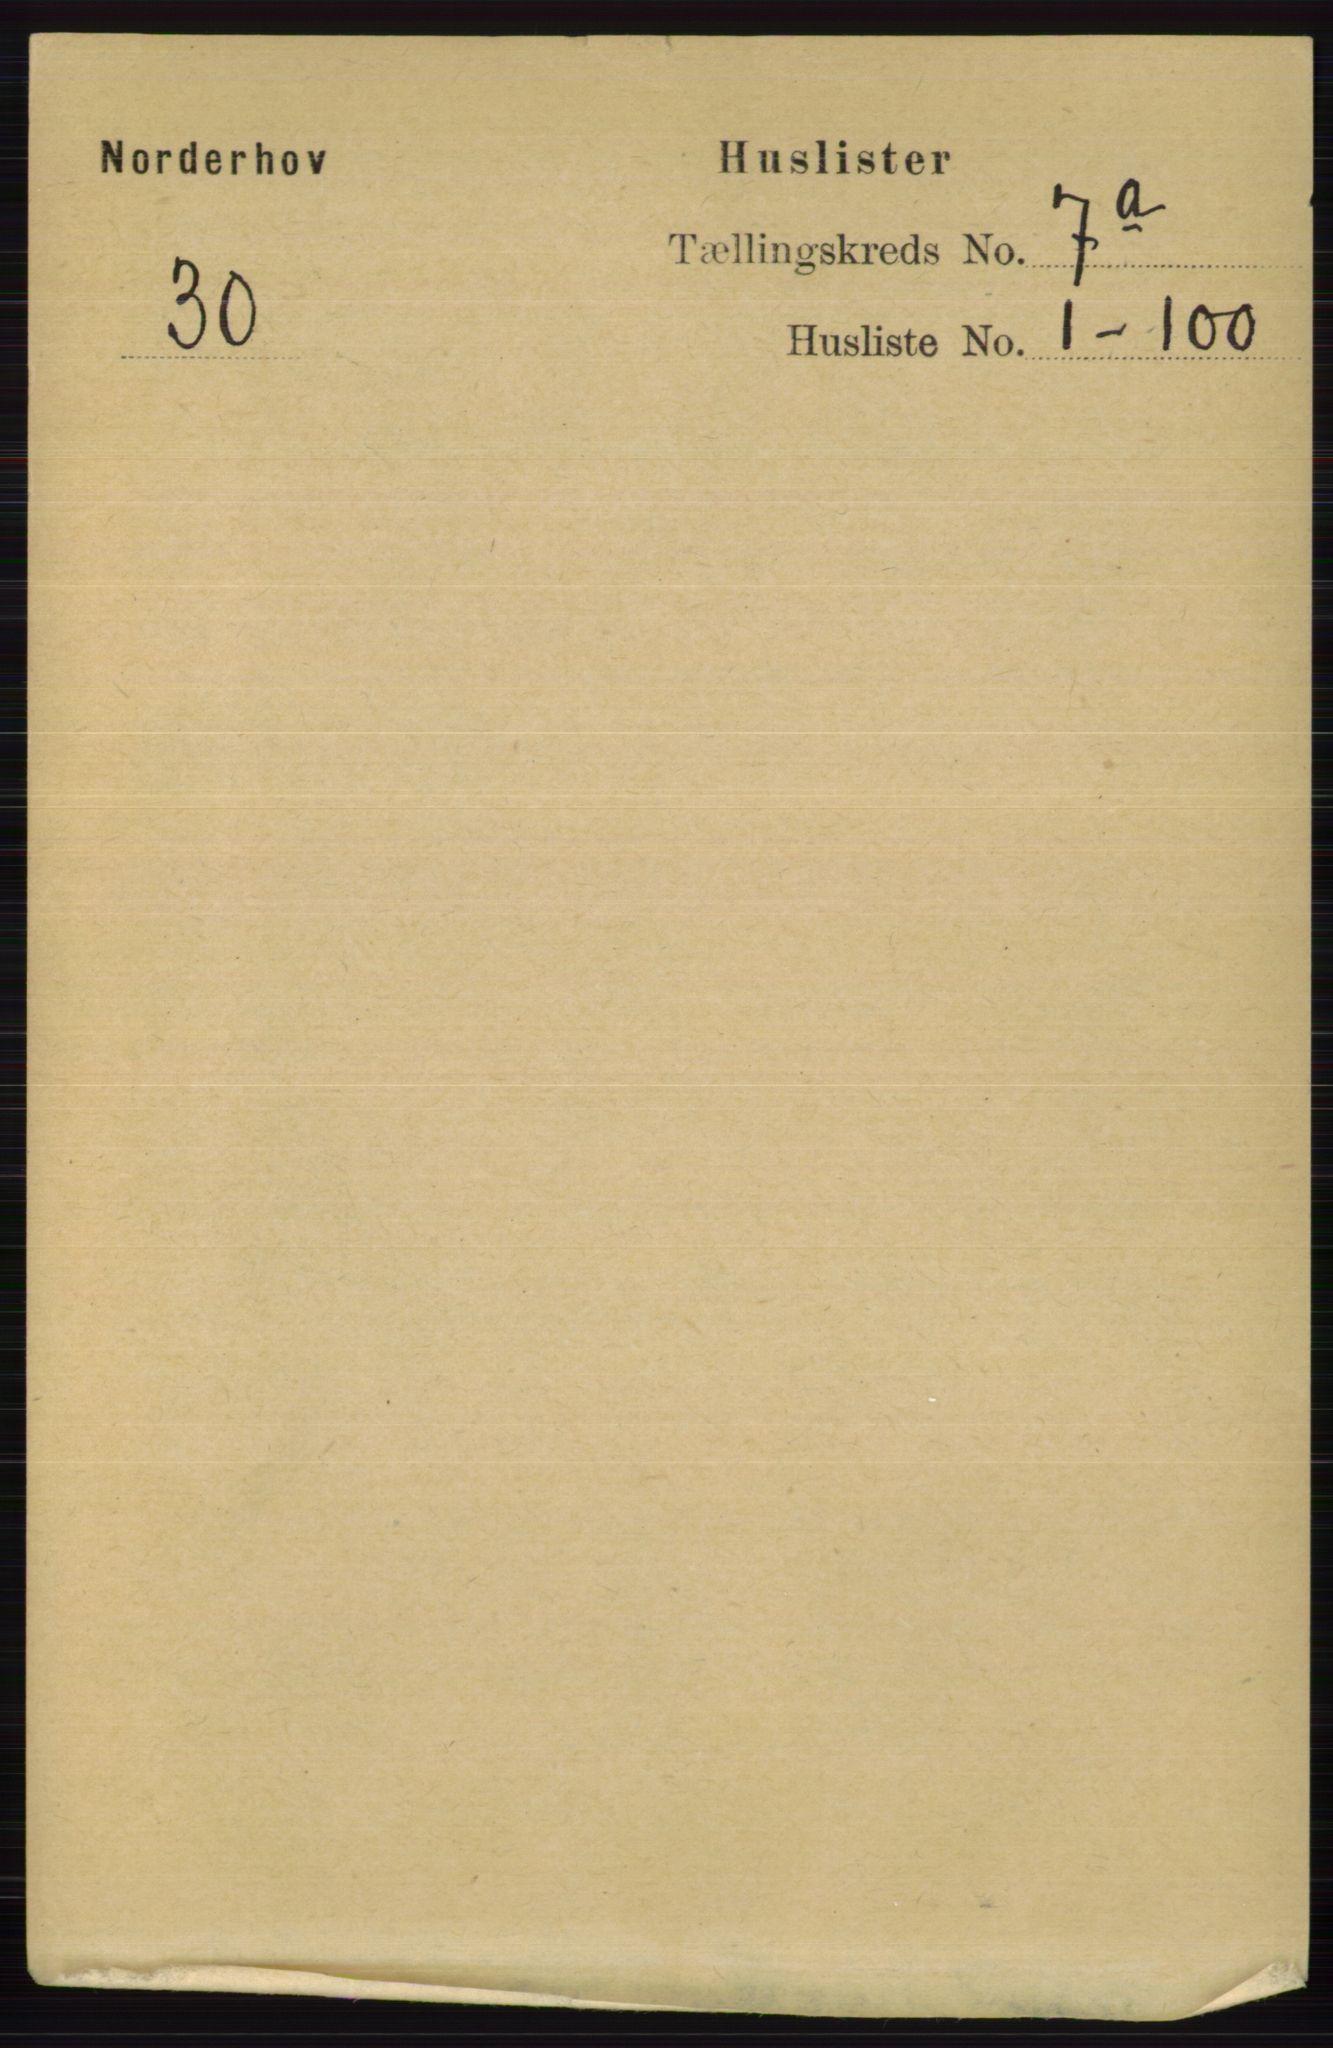 RA, Folketelling 1891 for 0613 Norderhov herred, 1891, s. 4386